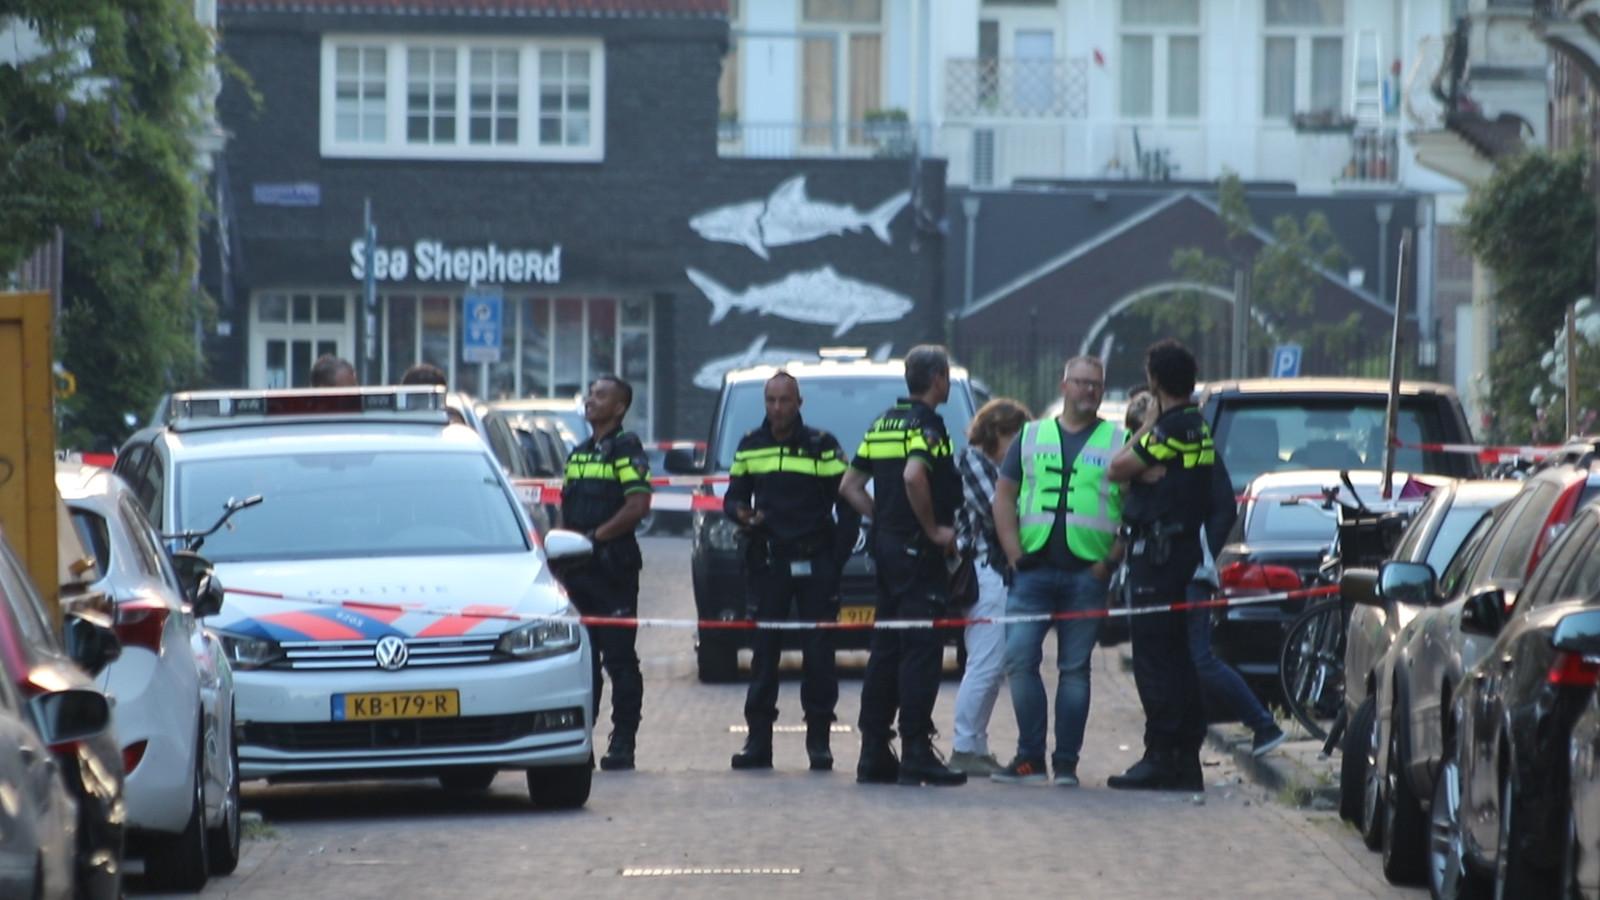 De plek van de explosie werd afgezet door de politie.